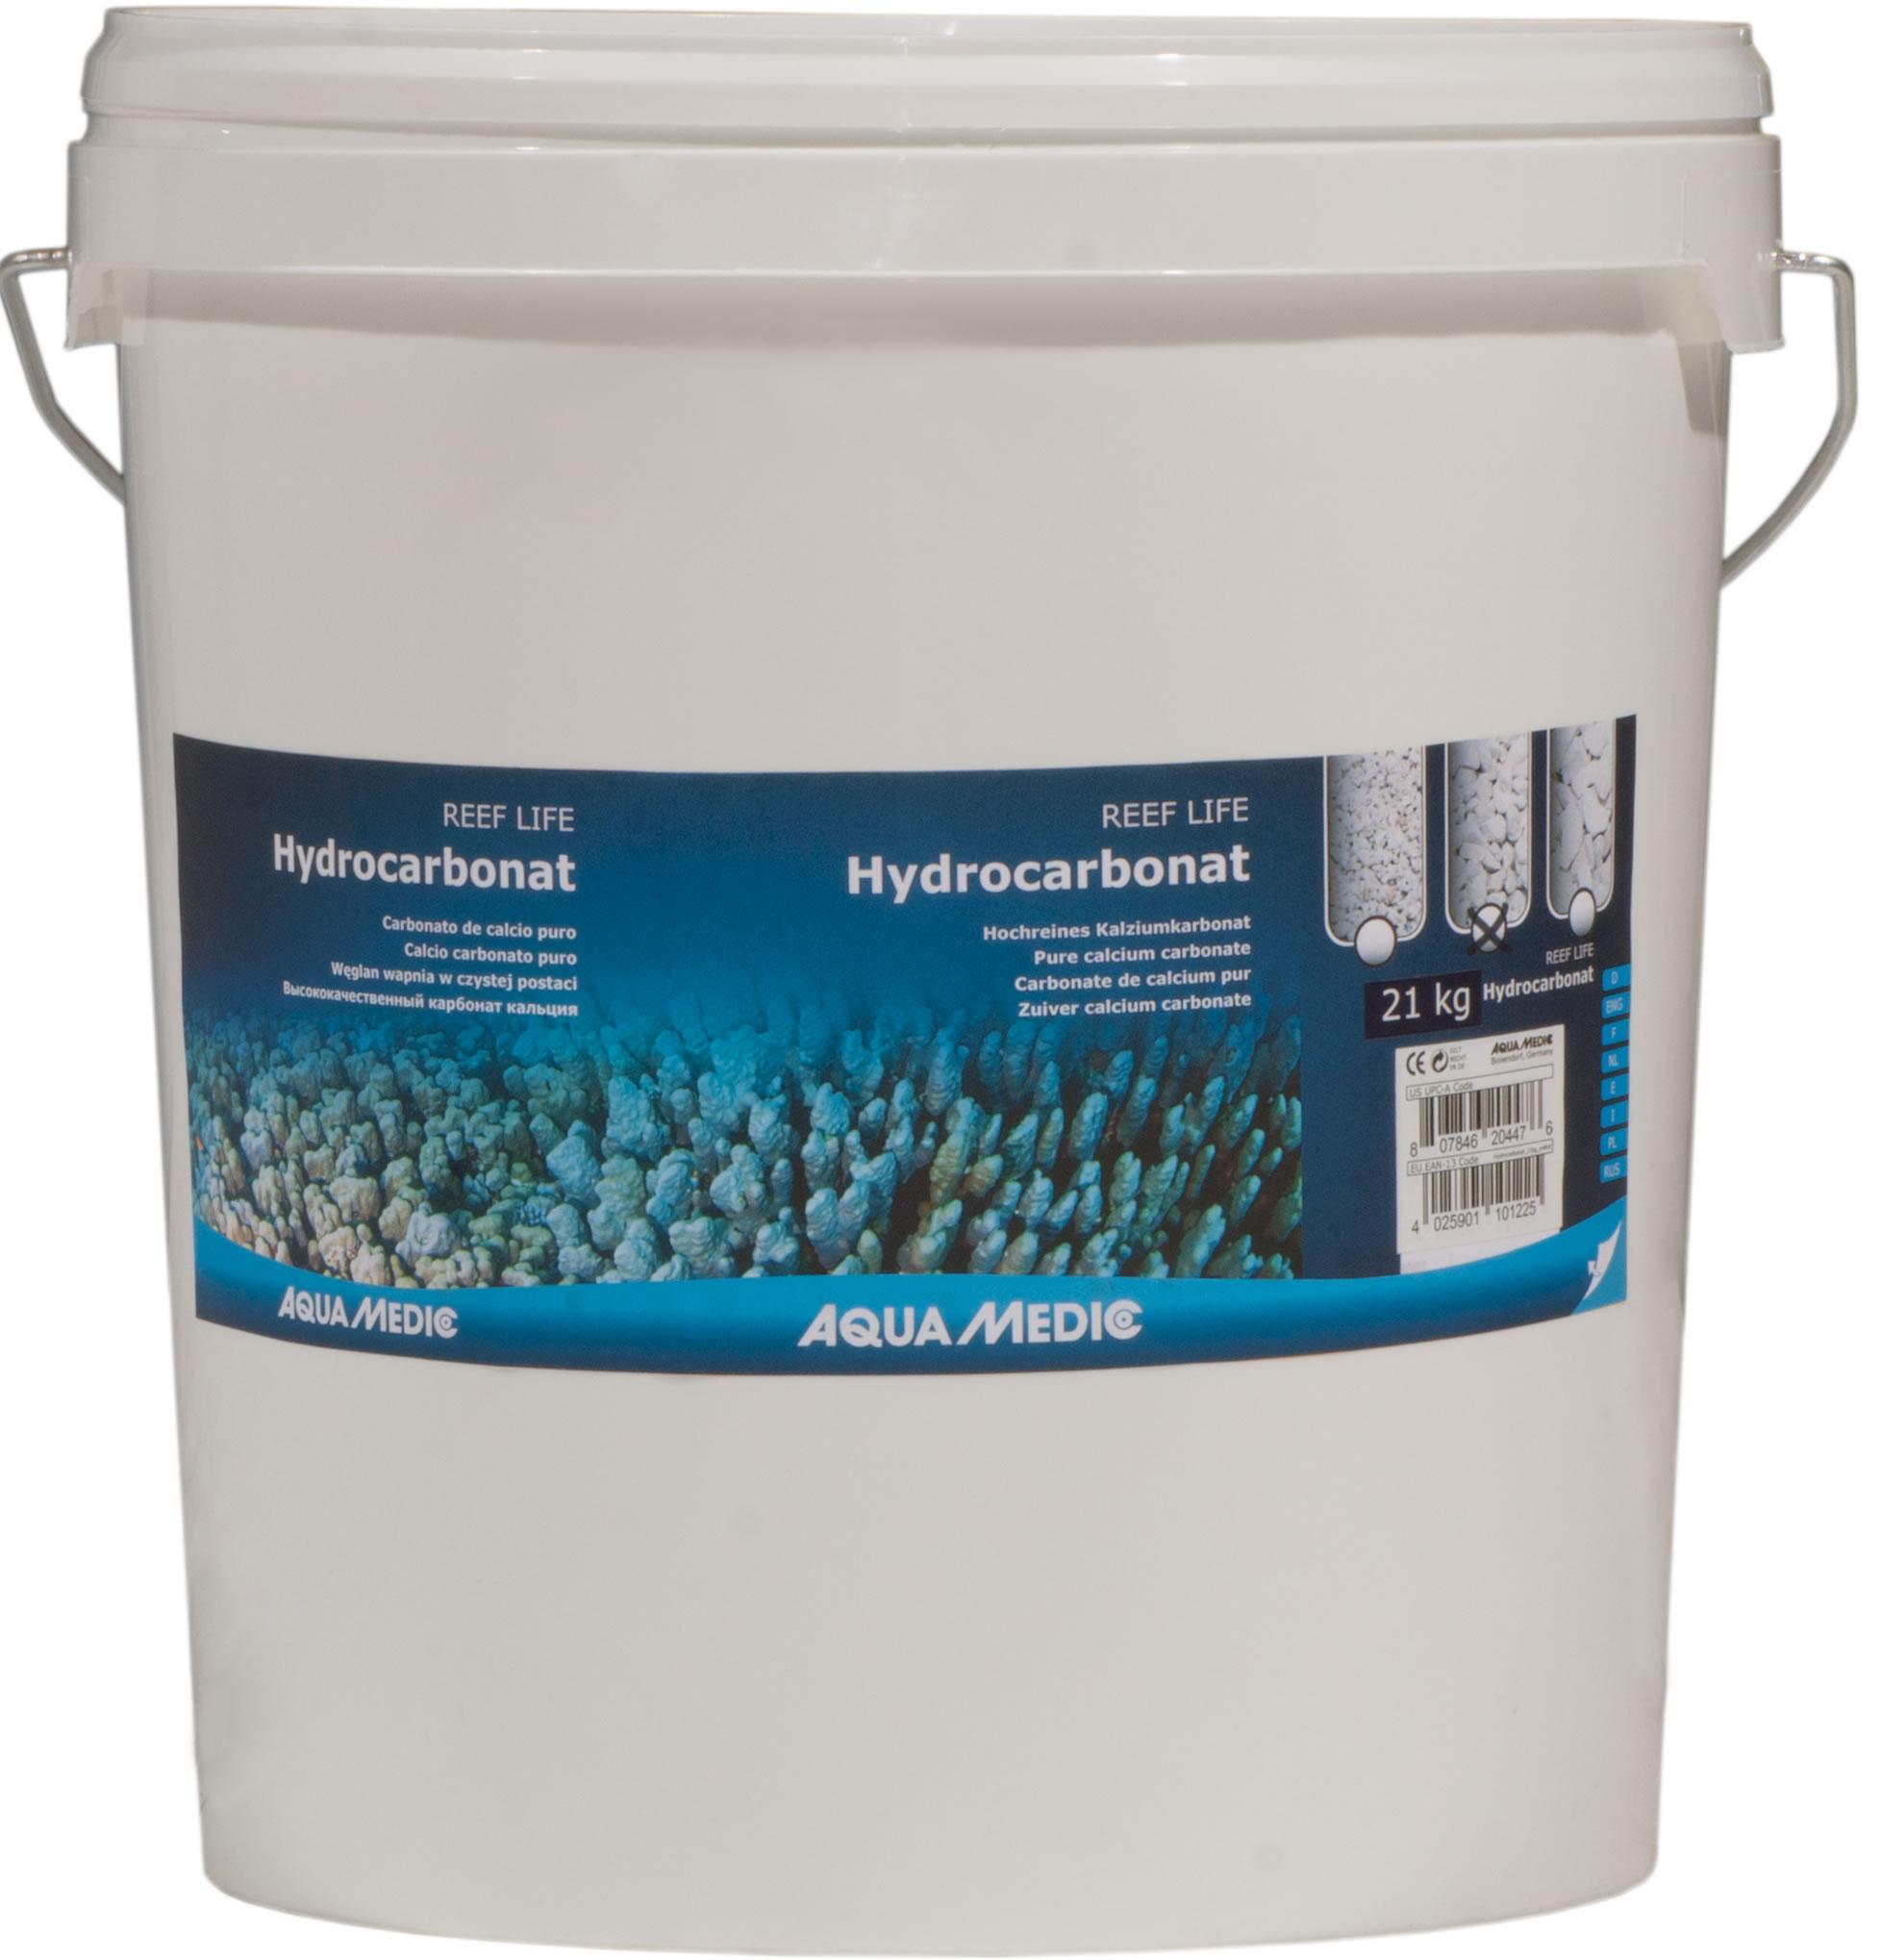 Aqua Medic REEF LIFE Hydrocarbonat - fein